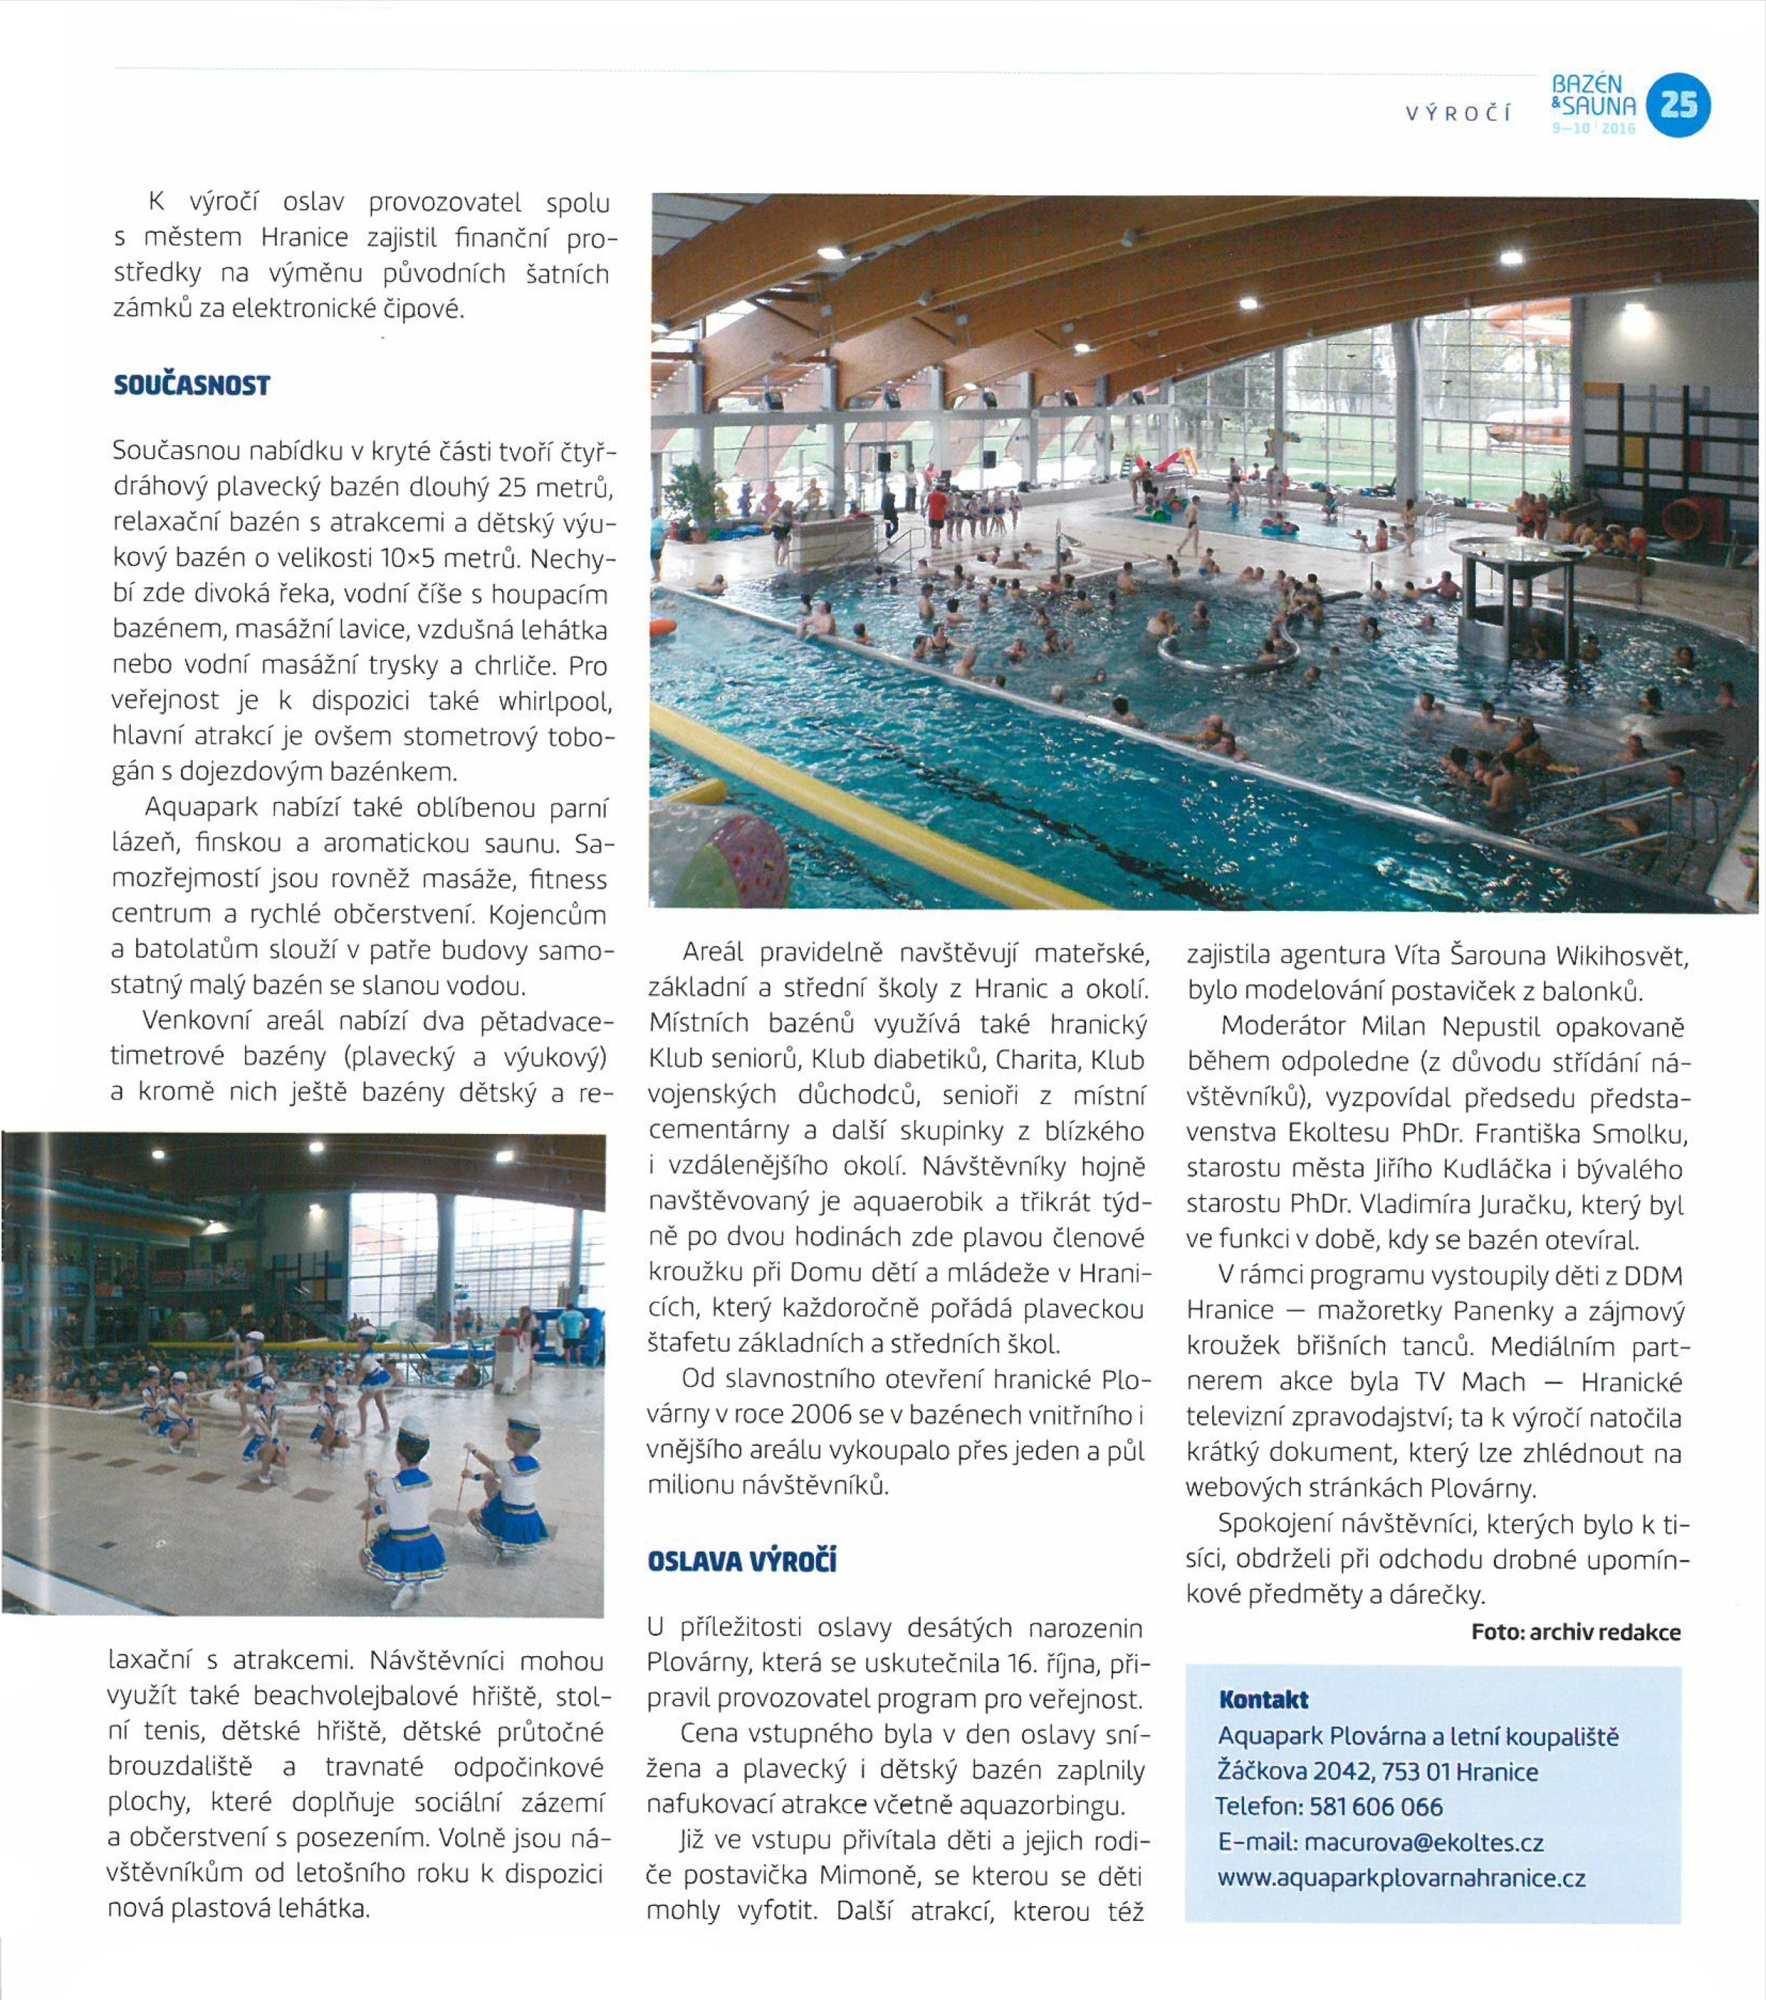 Krytý bazén v Hranicích